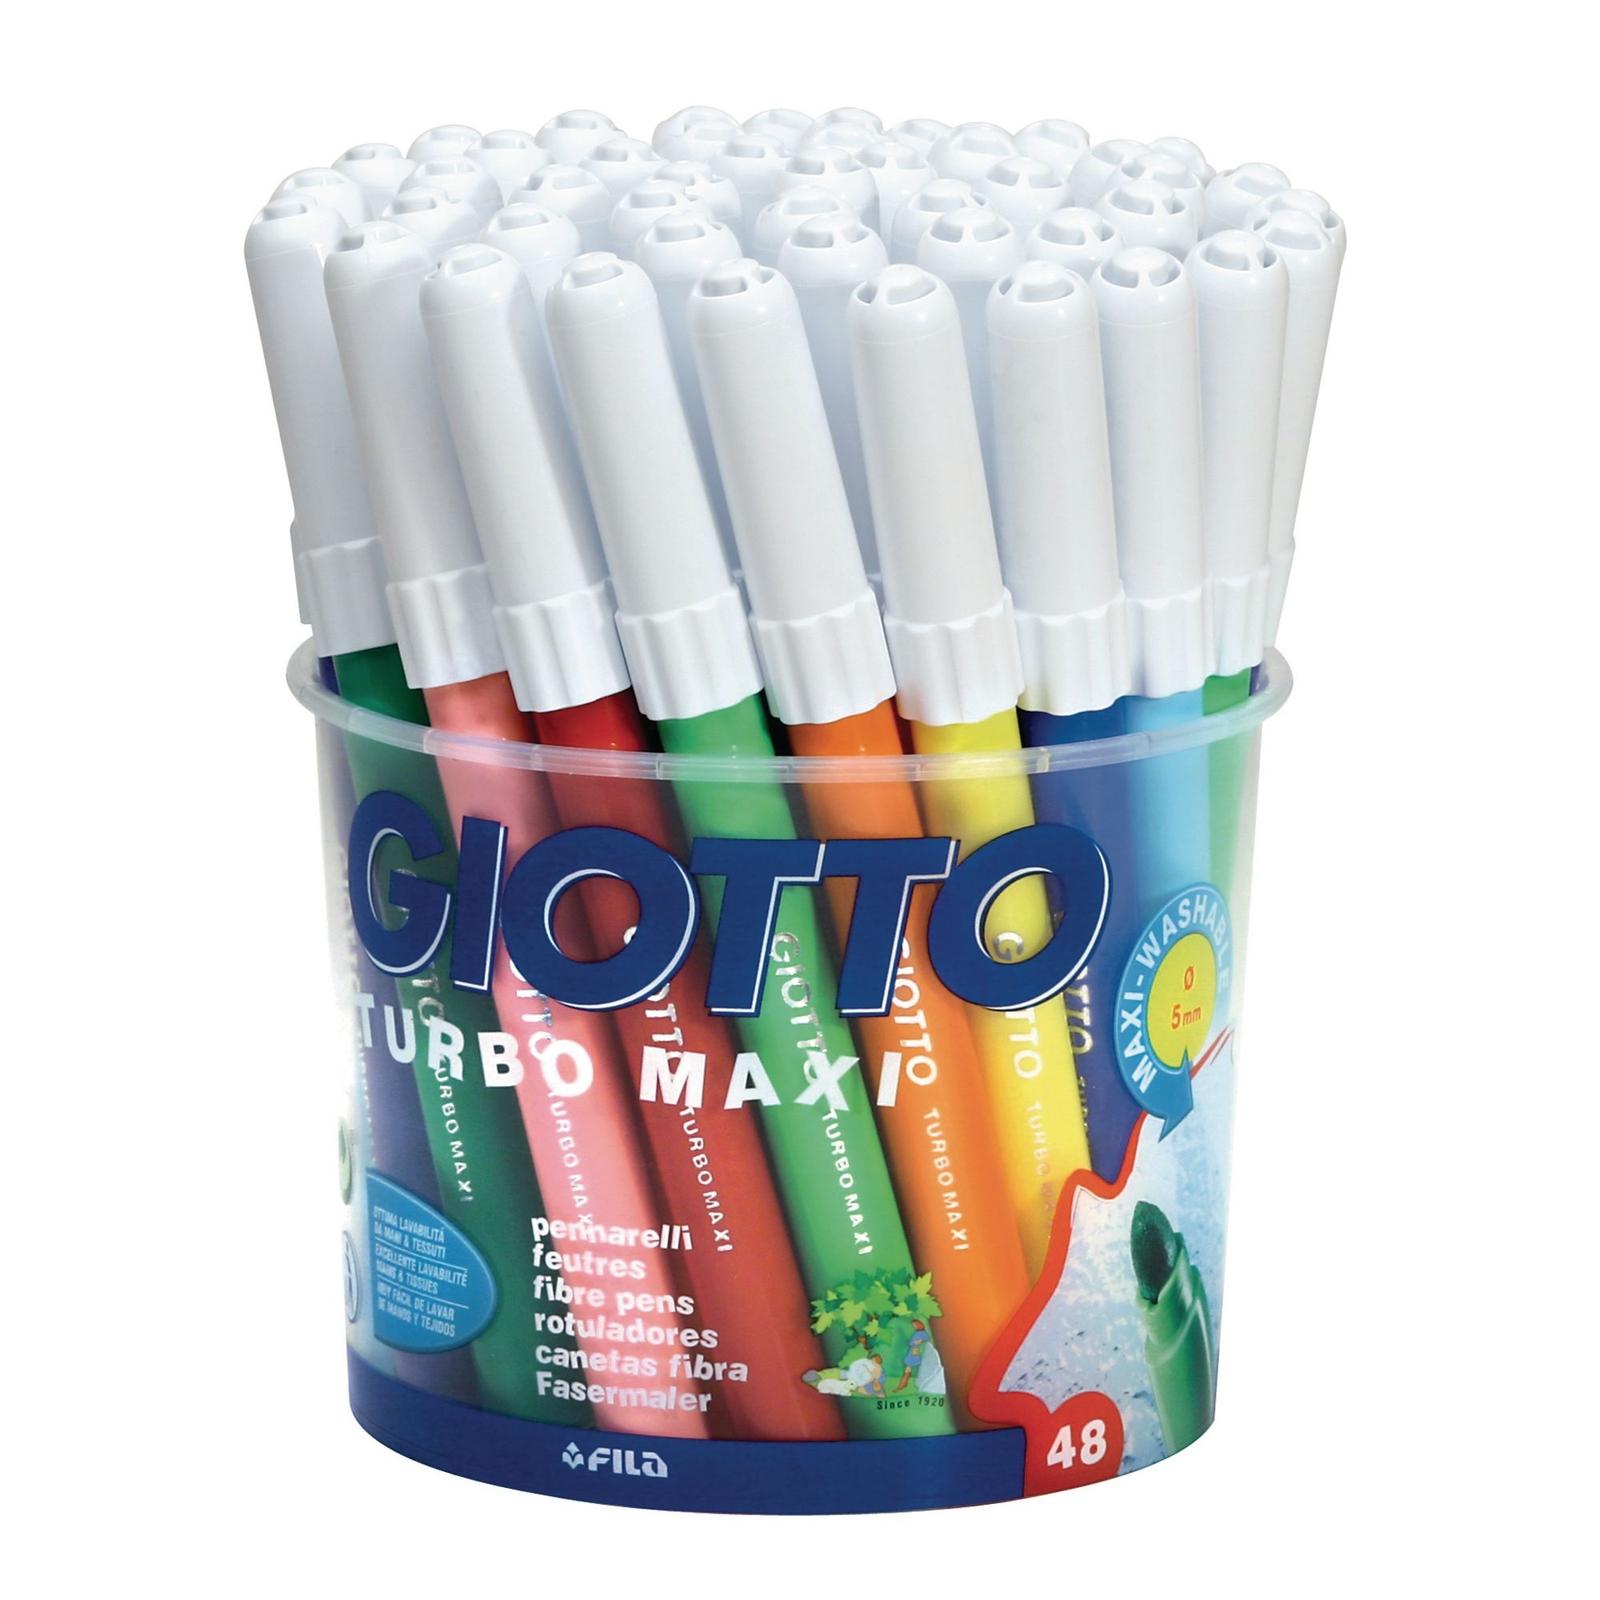 Giotto Turbo Maxi Colour Pens